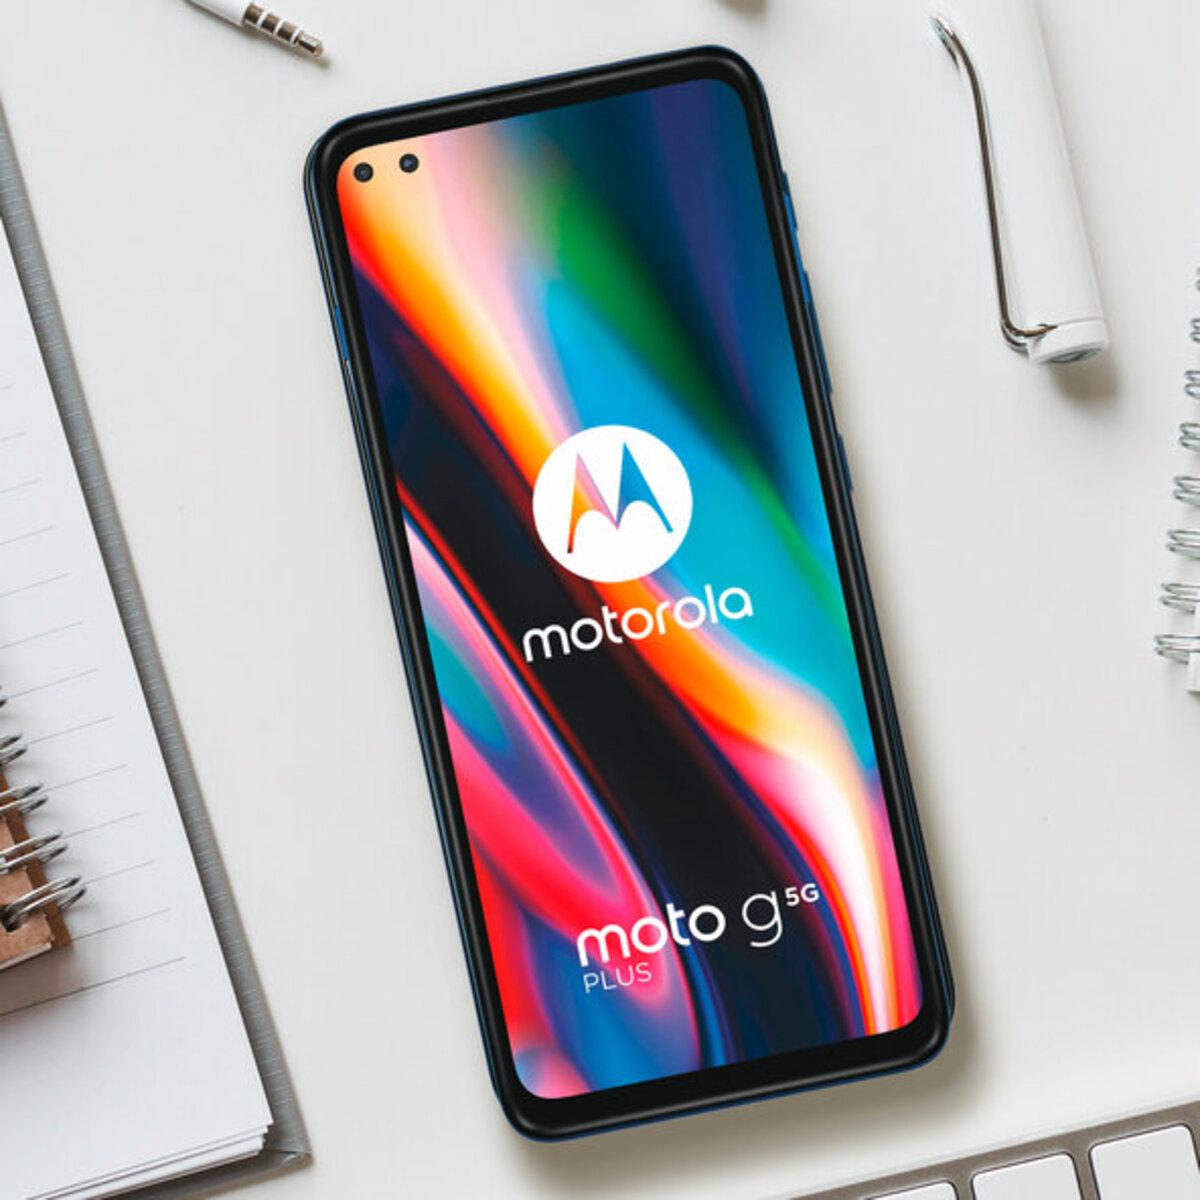 Bild 1 von Smartphone Moto G 5G Plus